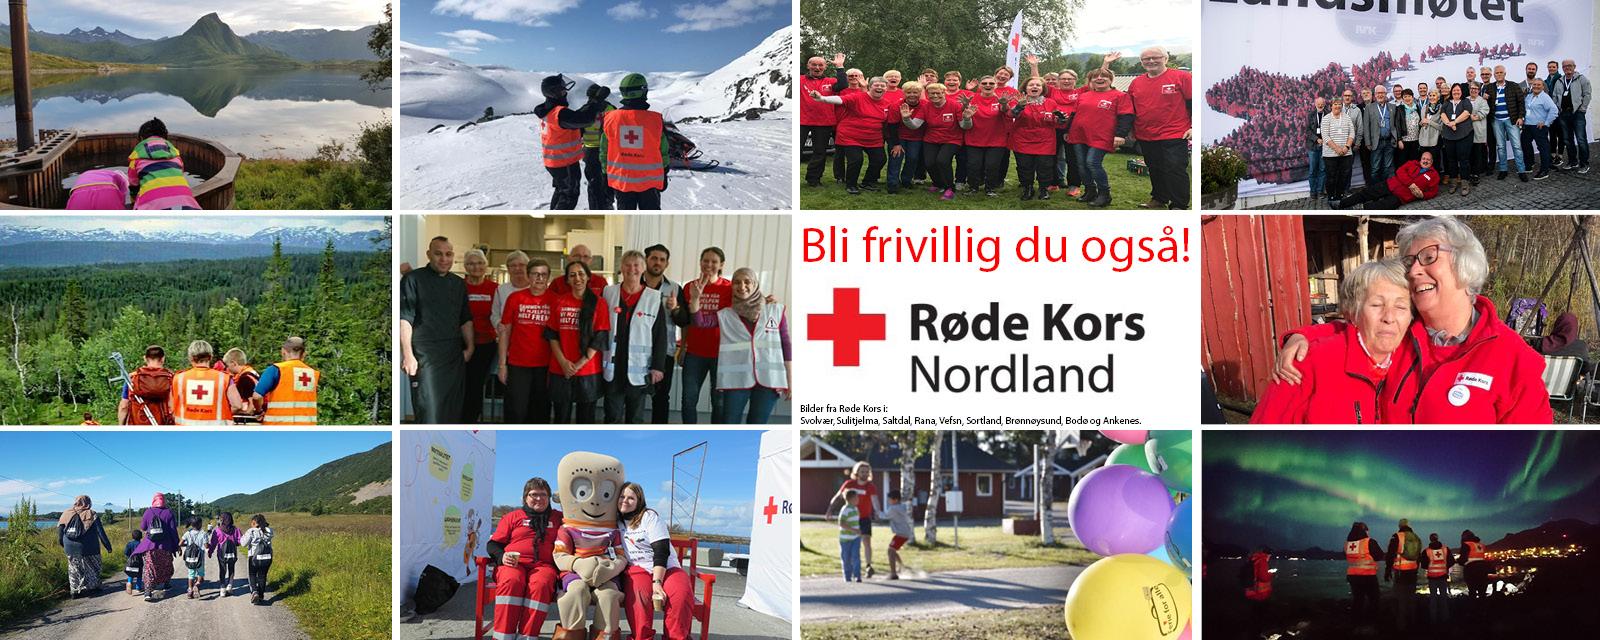 frivillig arbeid røde kors